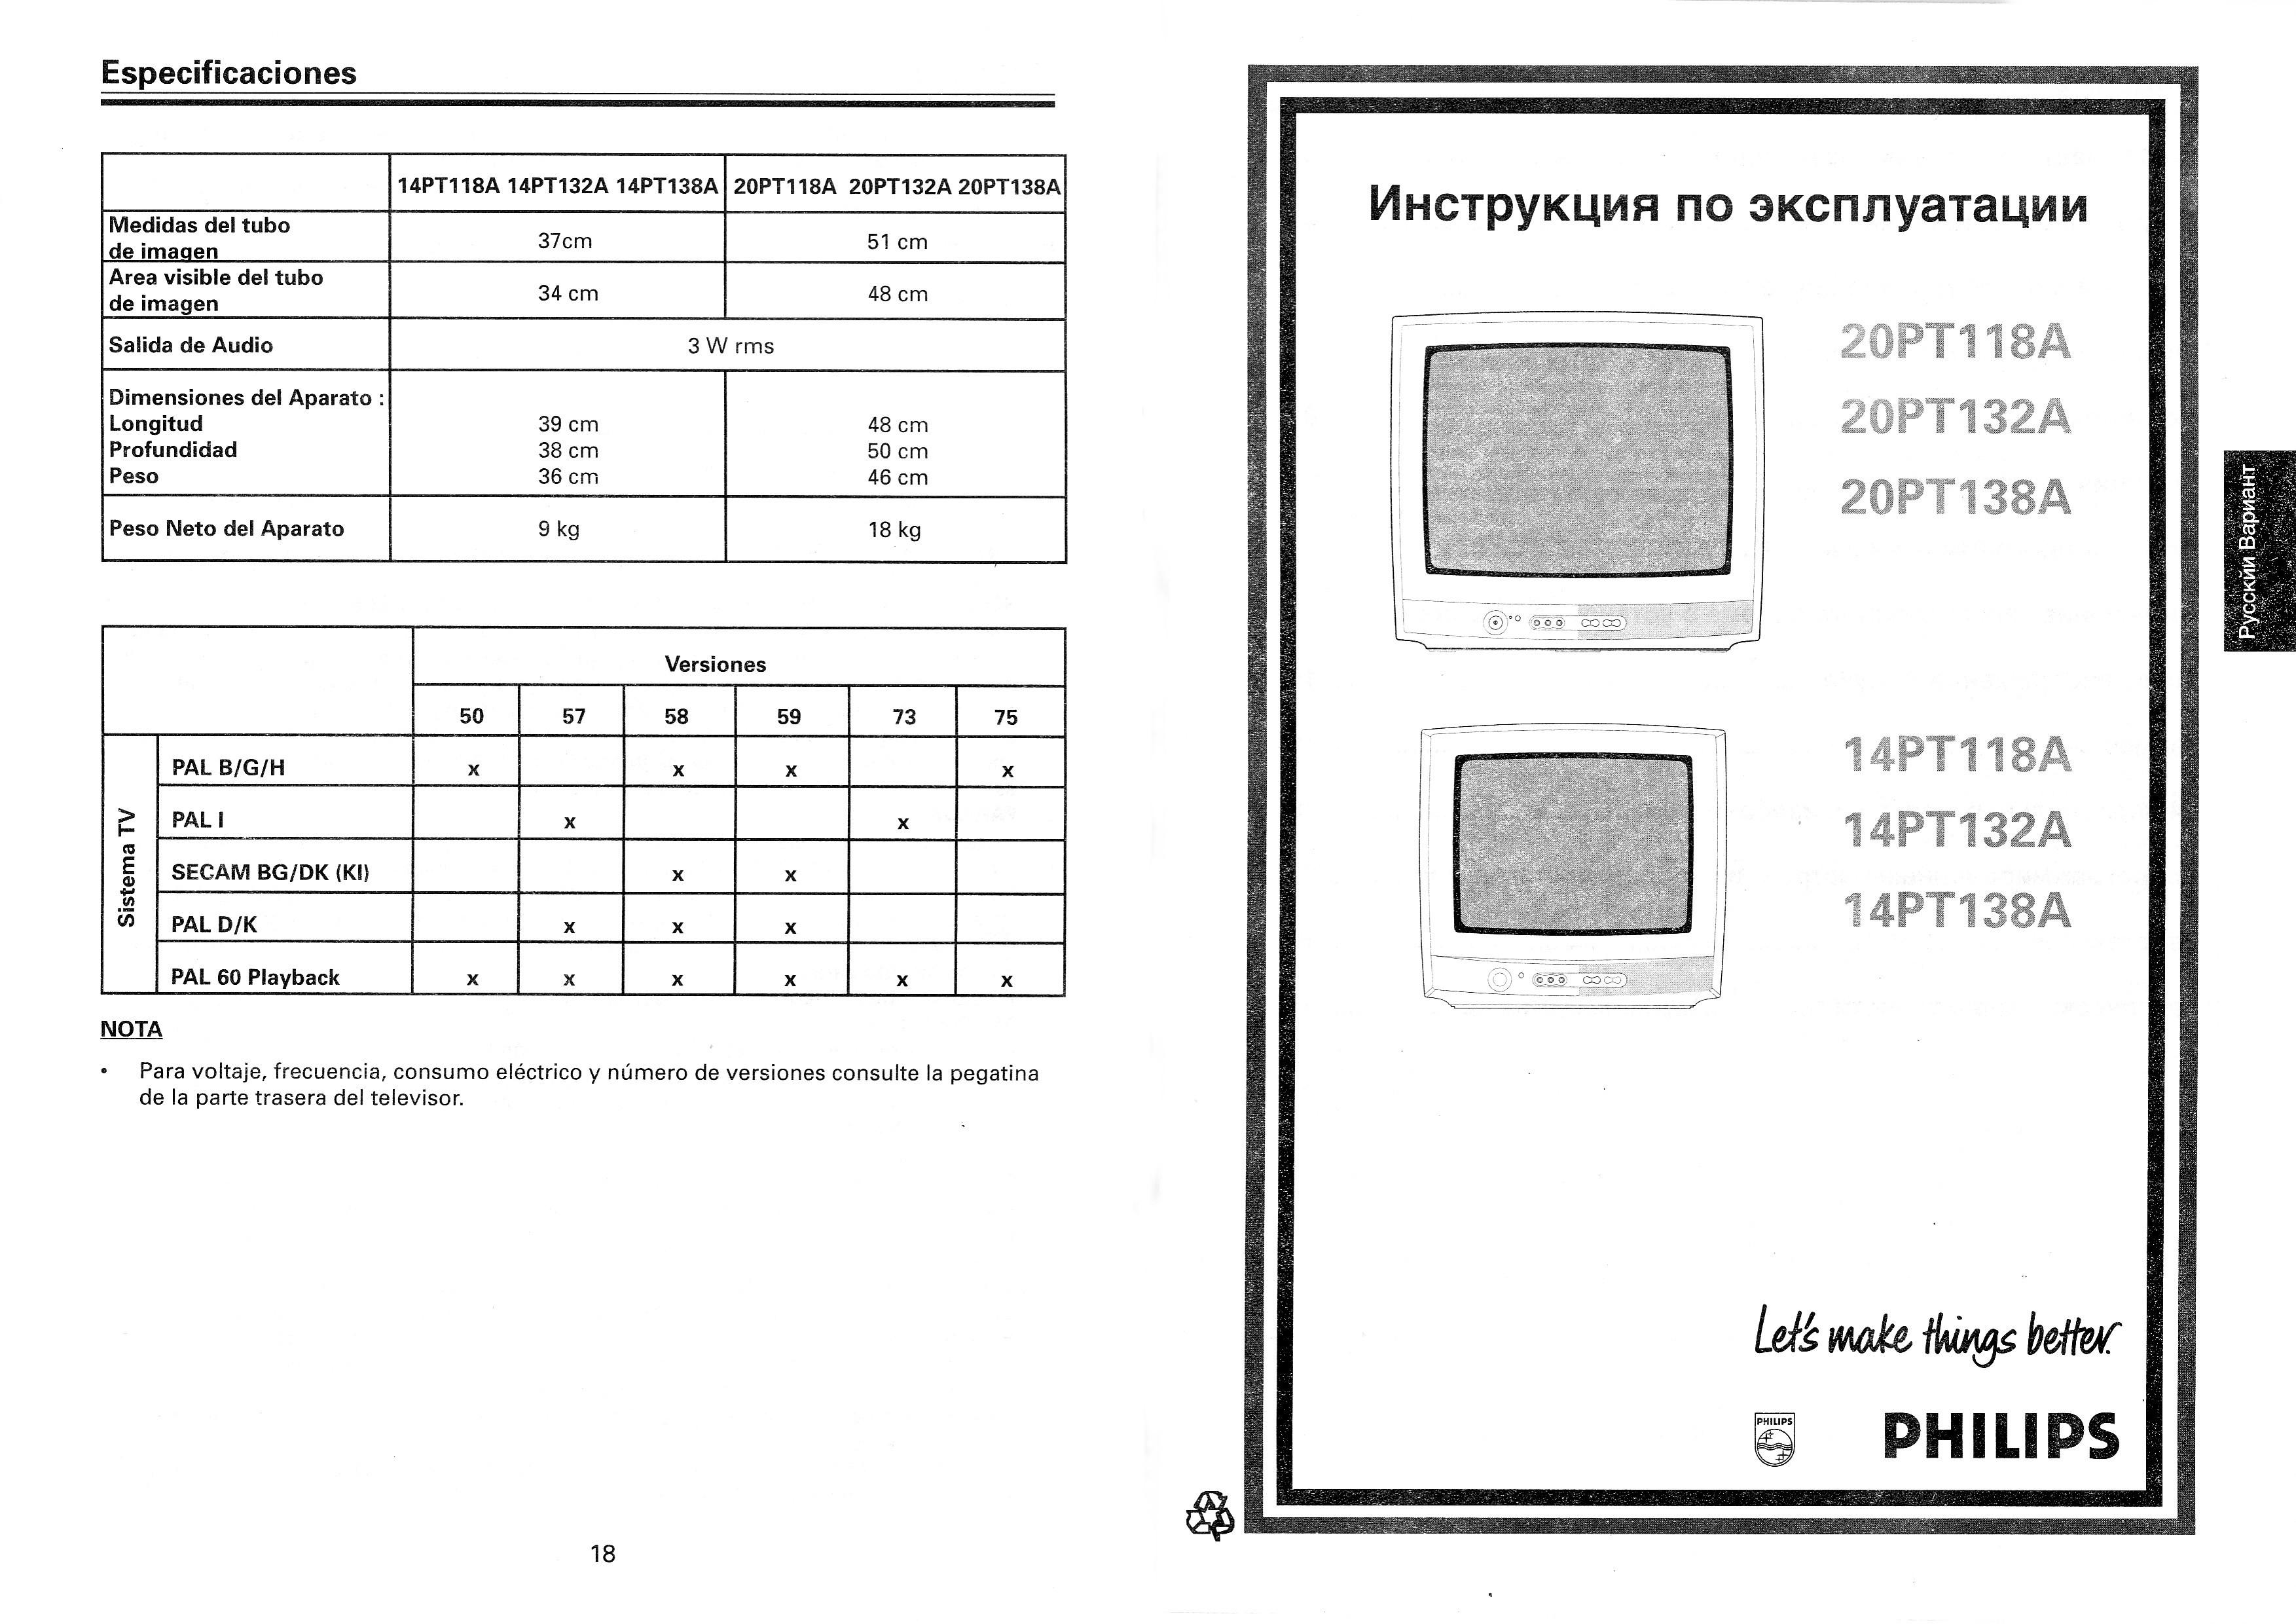 Philips 14pt138 схема